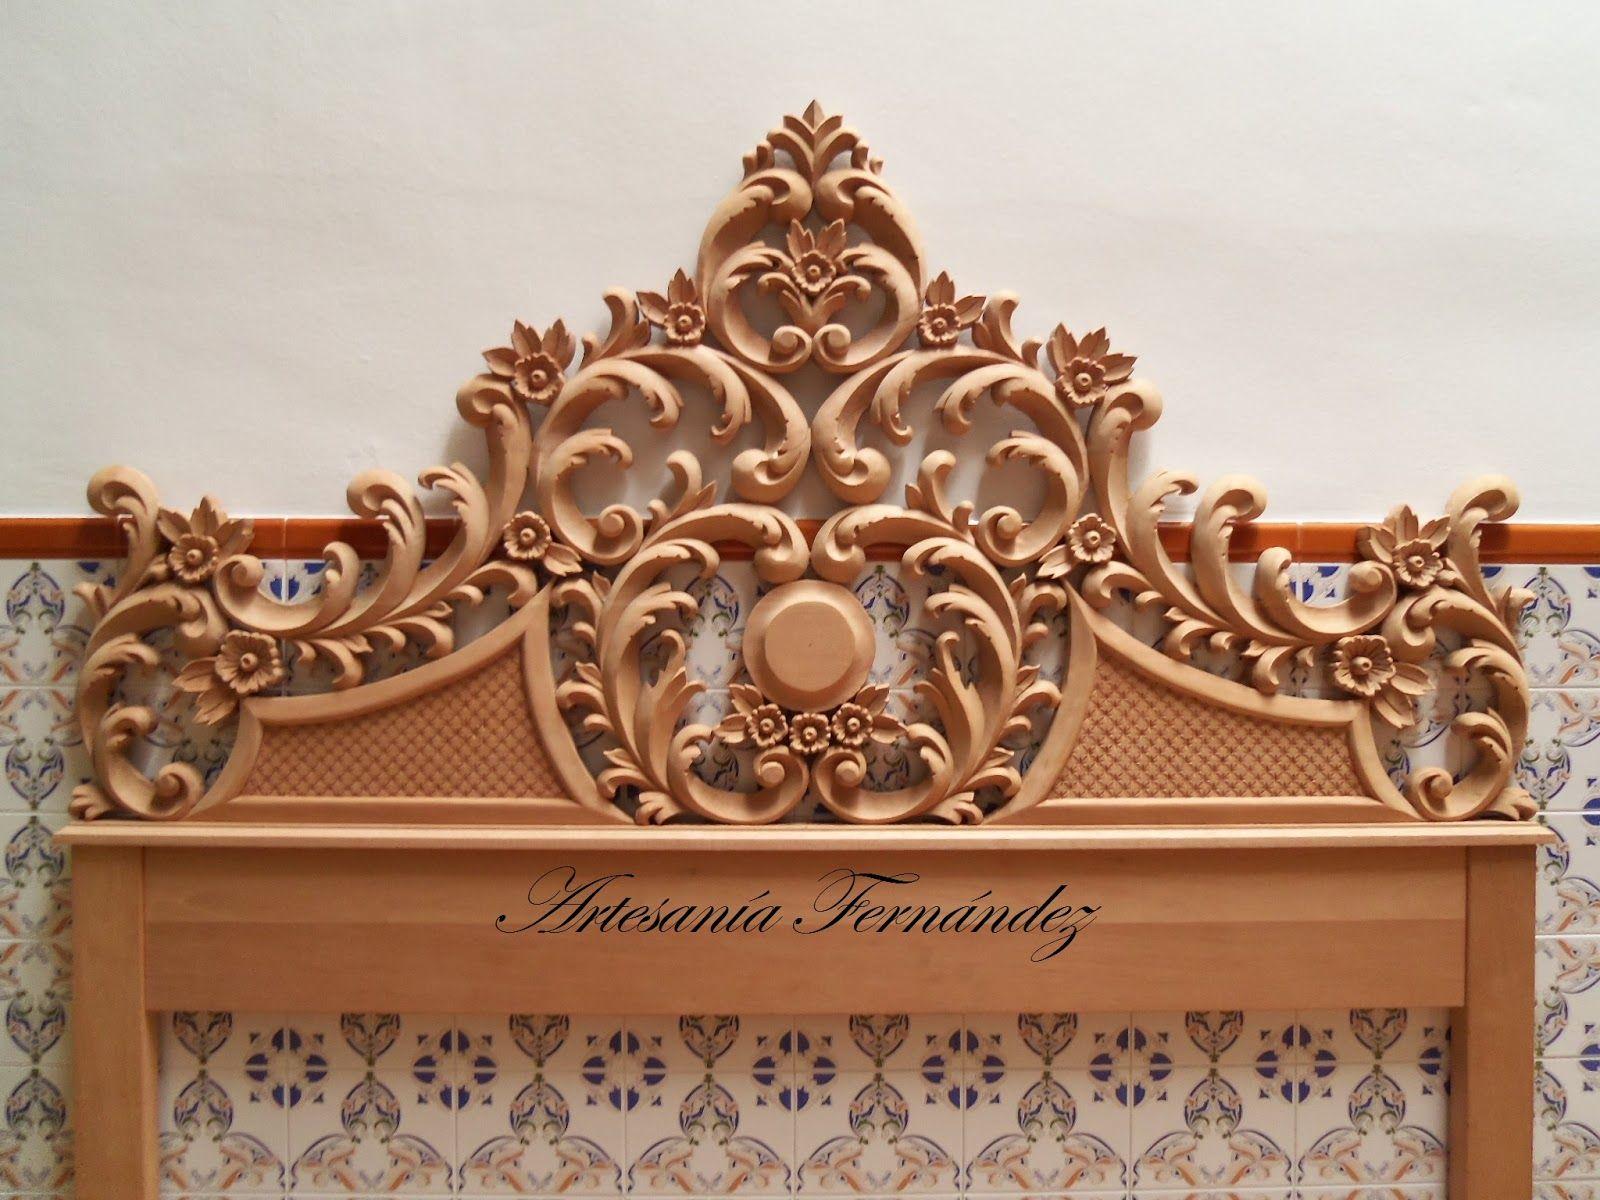 El cabecero esta tallado en madera de cedro real con unas dimensiones de 185 cm de ancho por - Cabecero madera tallada ...